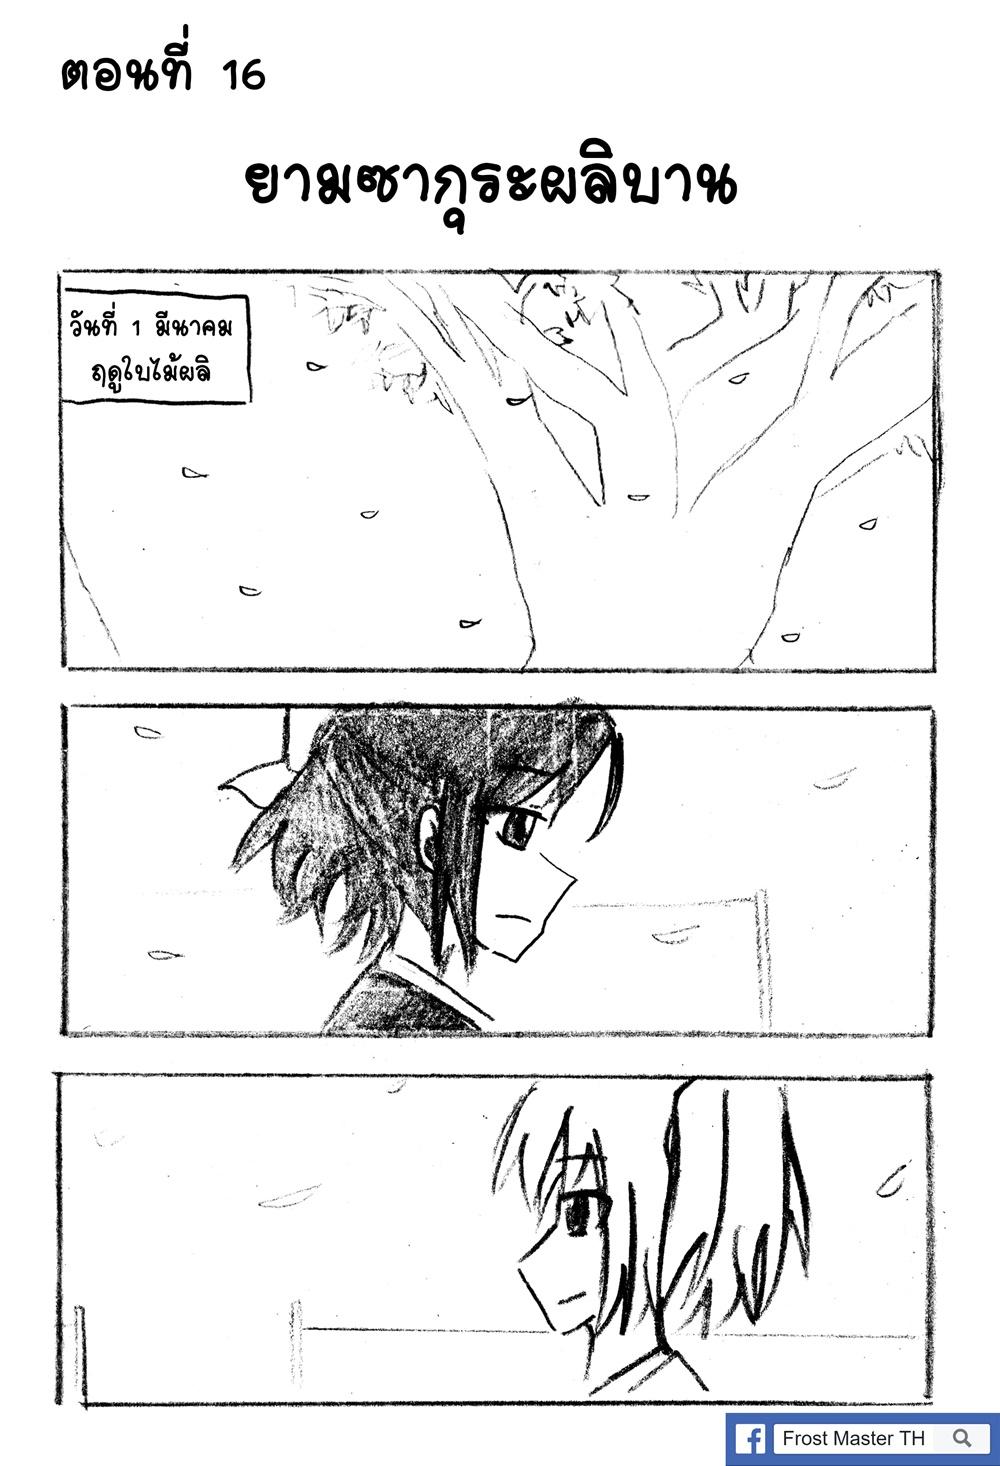 ตอนที่ 16 - ยามซากุระผลิบาน